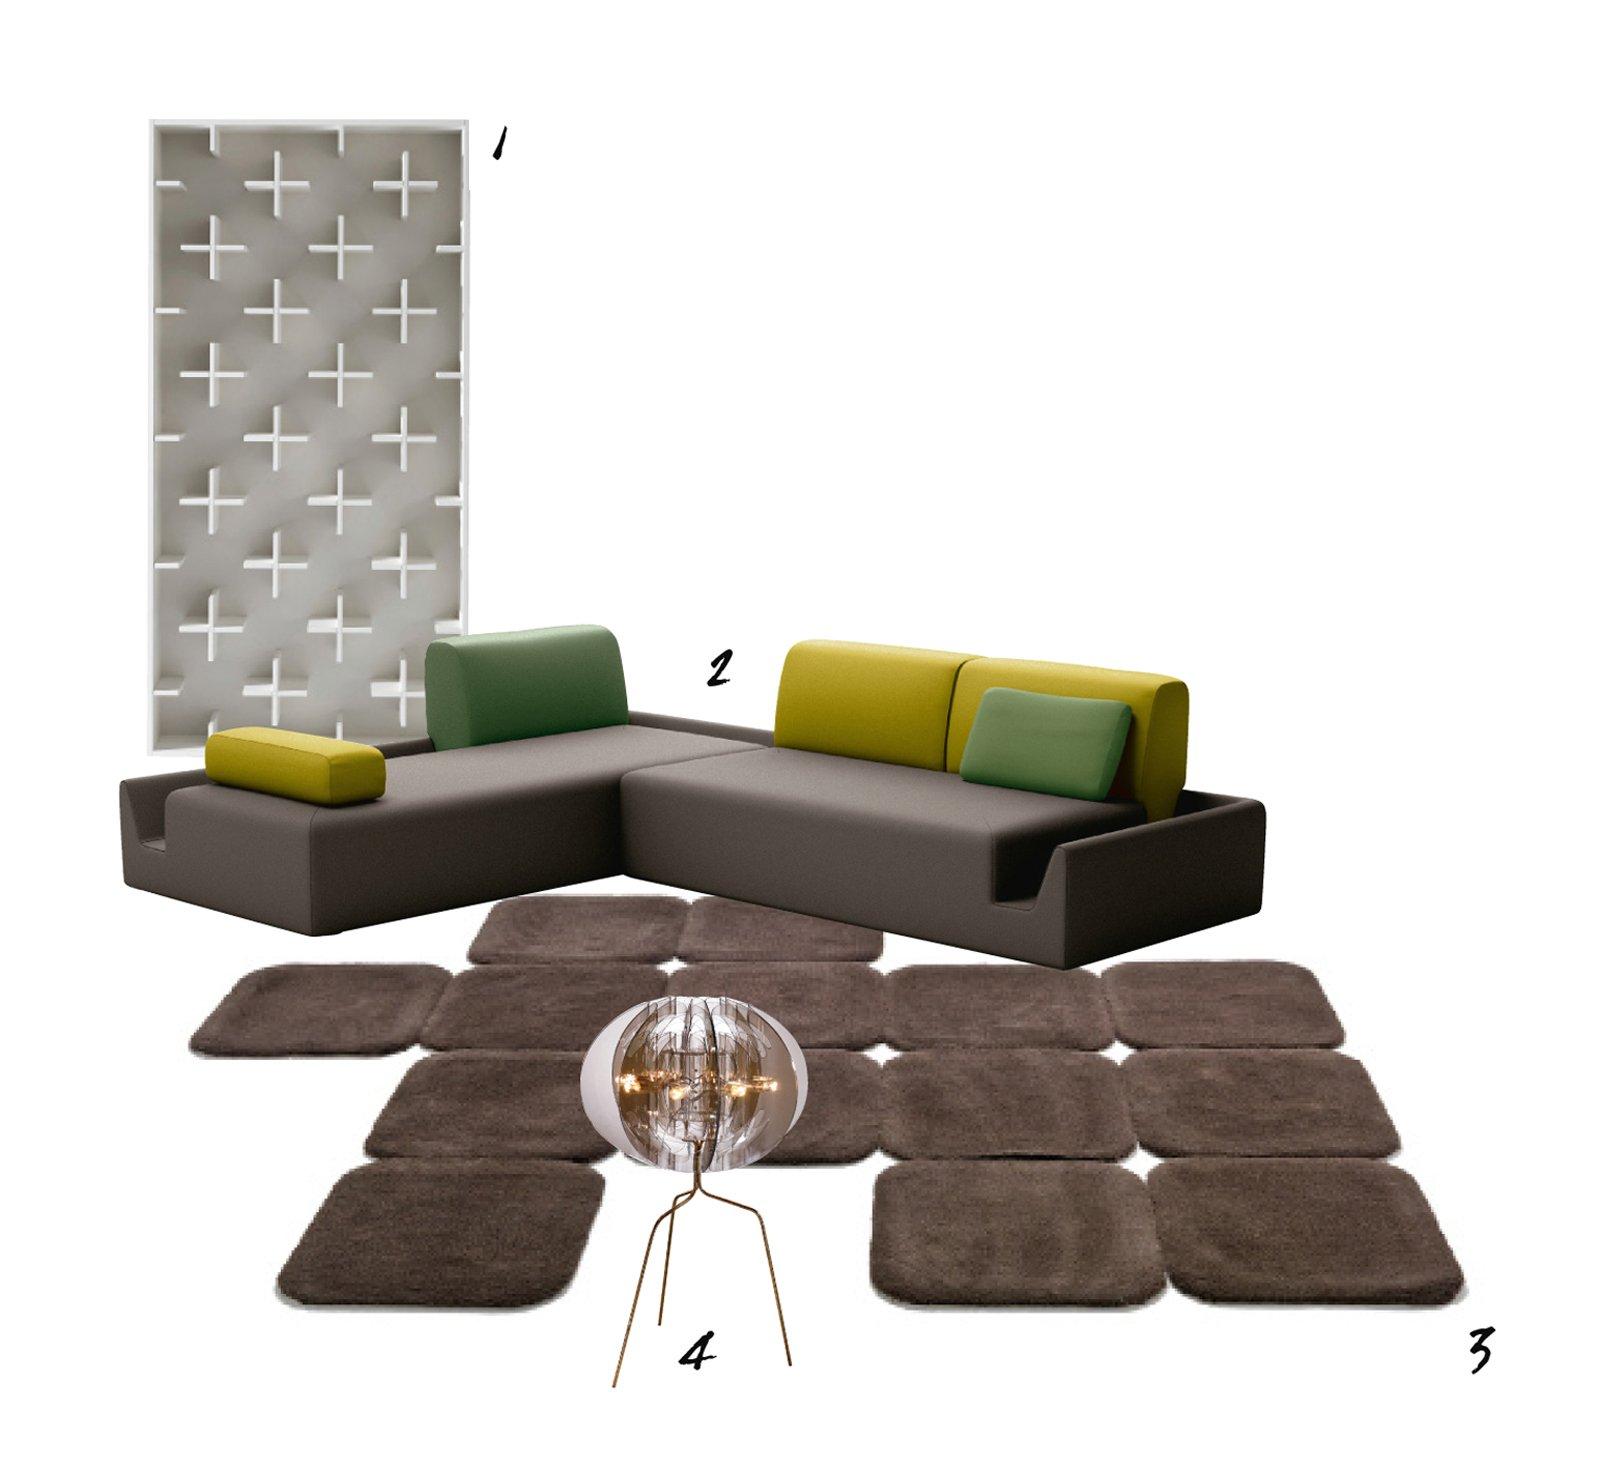 soggiorno & design: passione per i colori scuri - cose di casa - Soggiorno Verde E Marrone 2